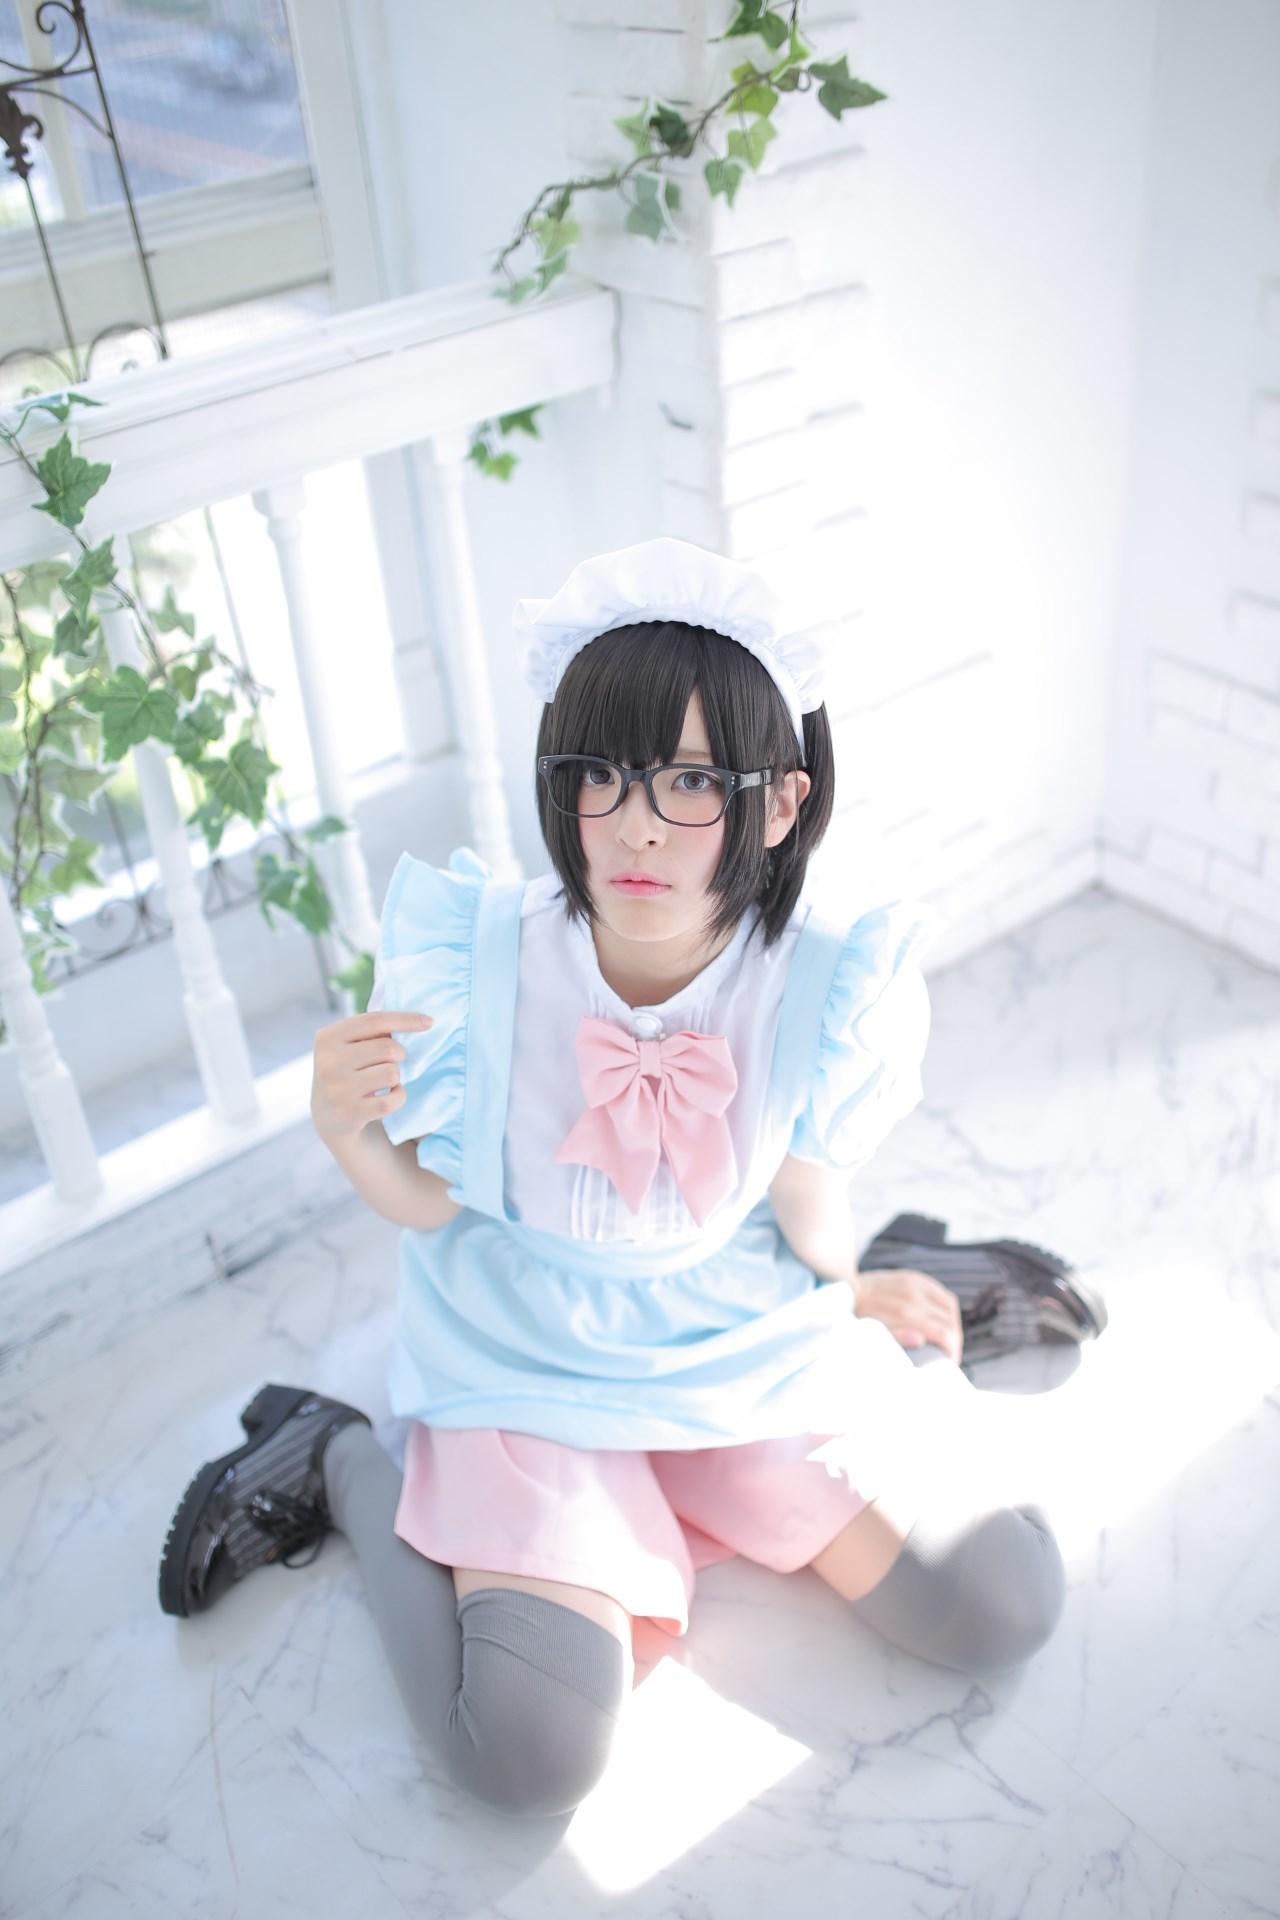 【兔玩映画】眼镜女仆 兔玩映画 第127张